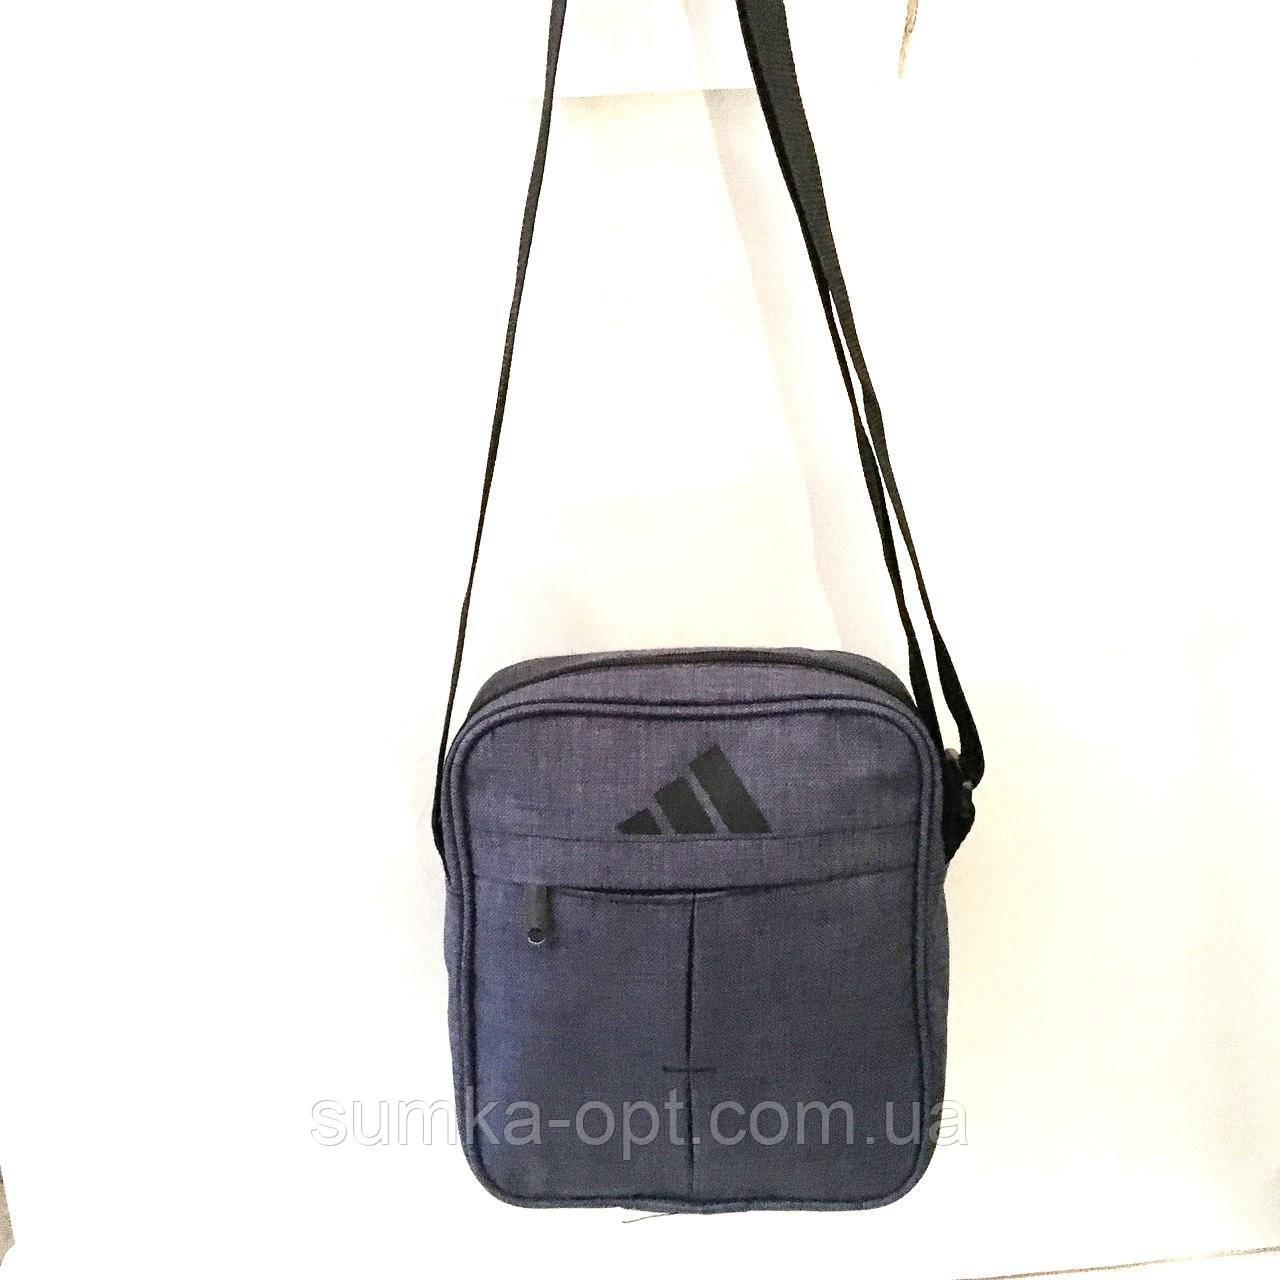 Спортивные барсетки Adidas (синий)20*24см